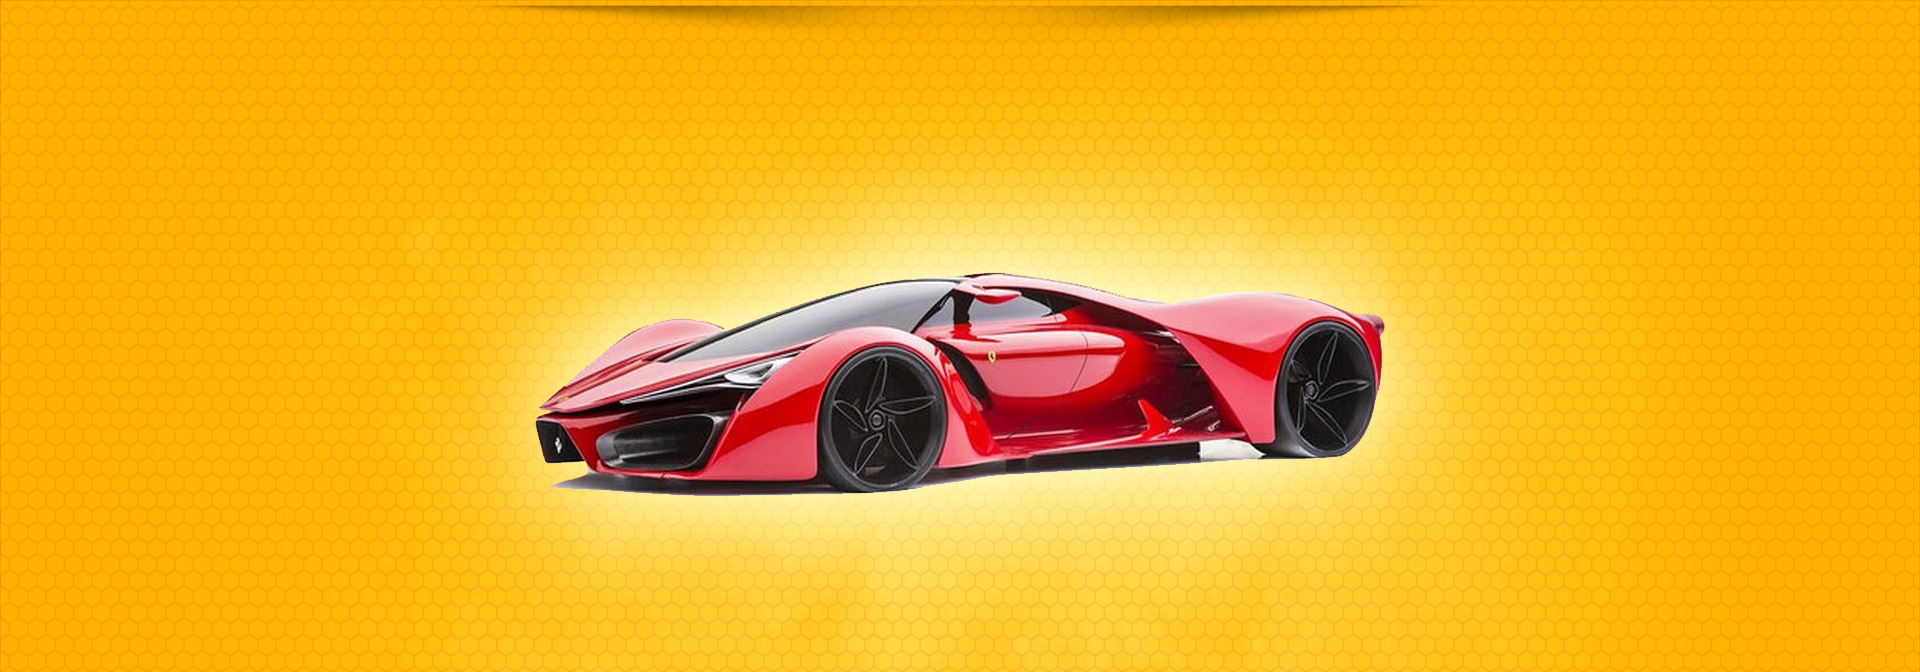 Czerwony kolor kojarzy się z określoną marką samochodu.